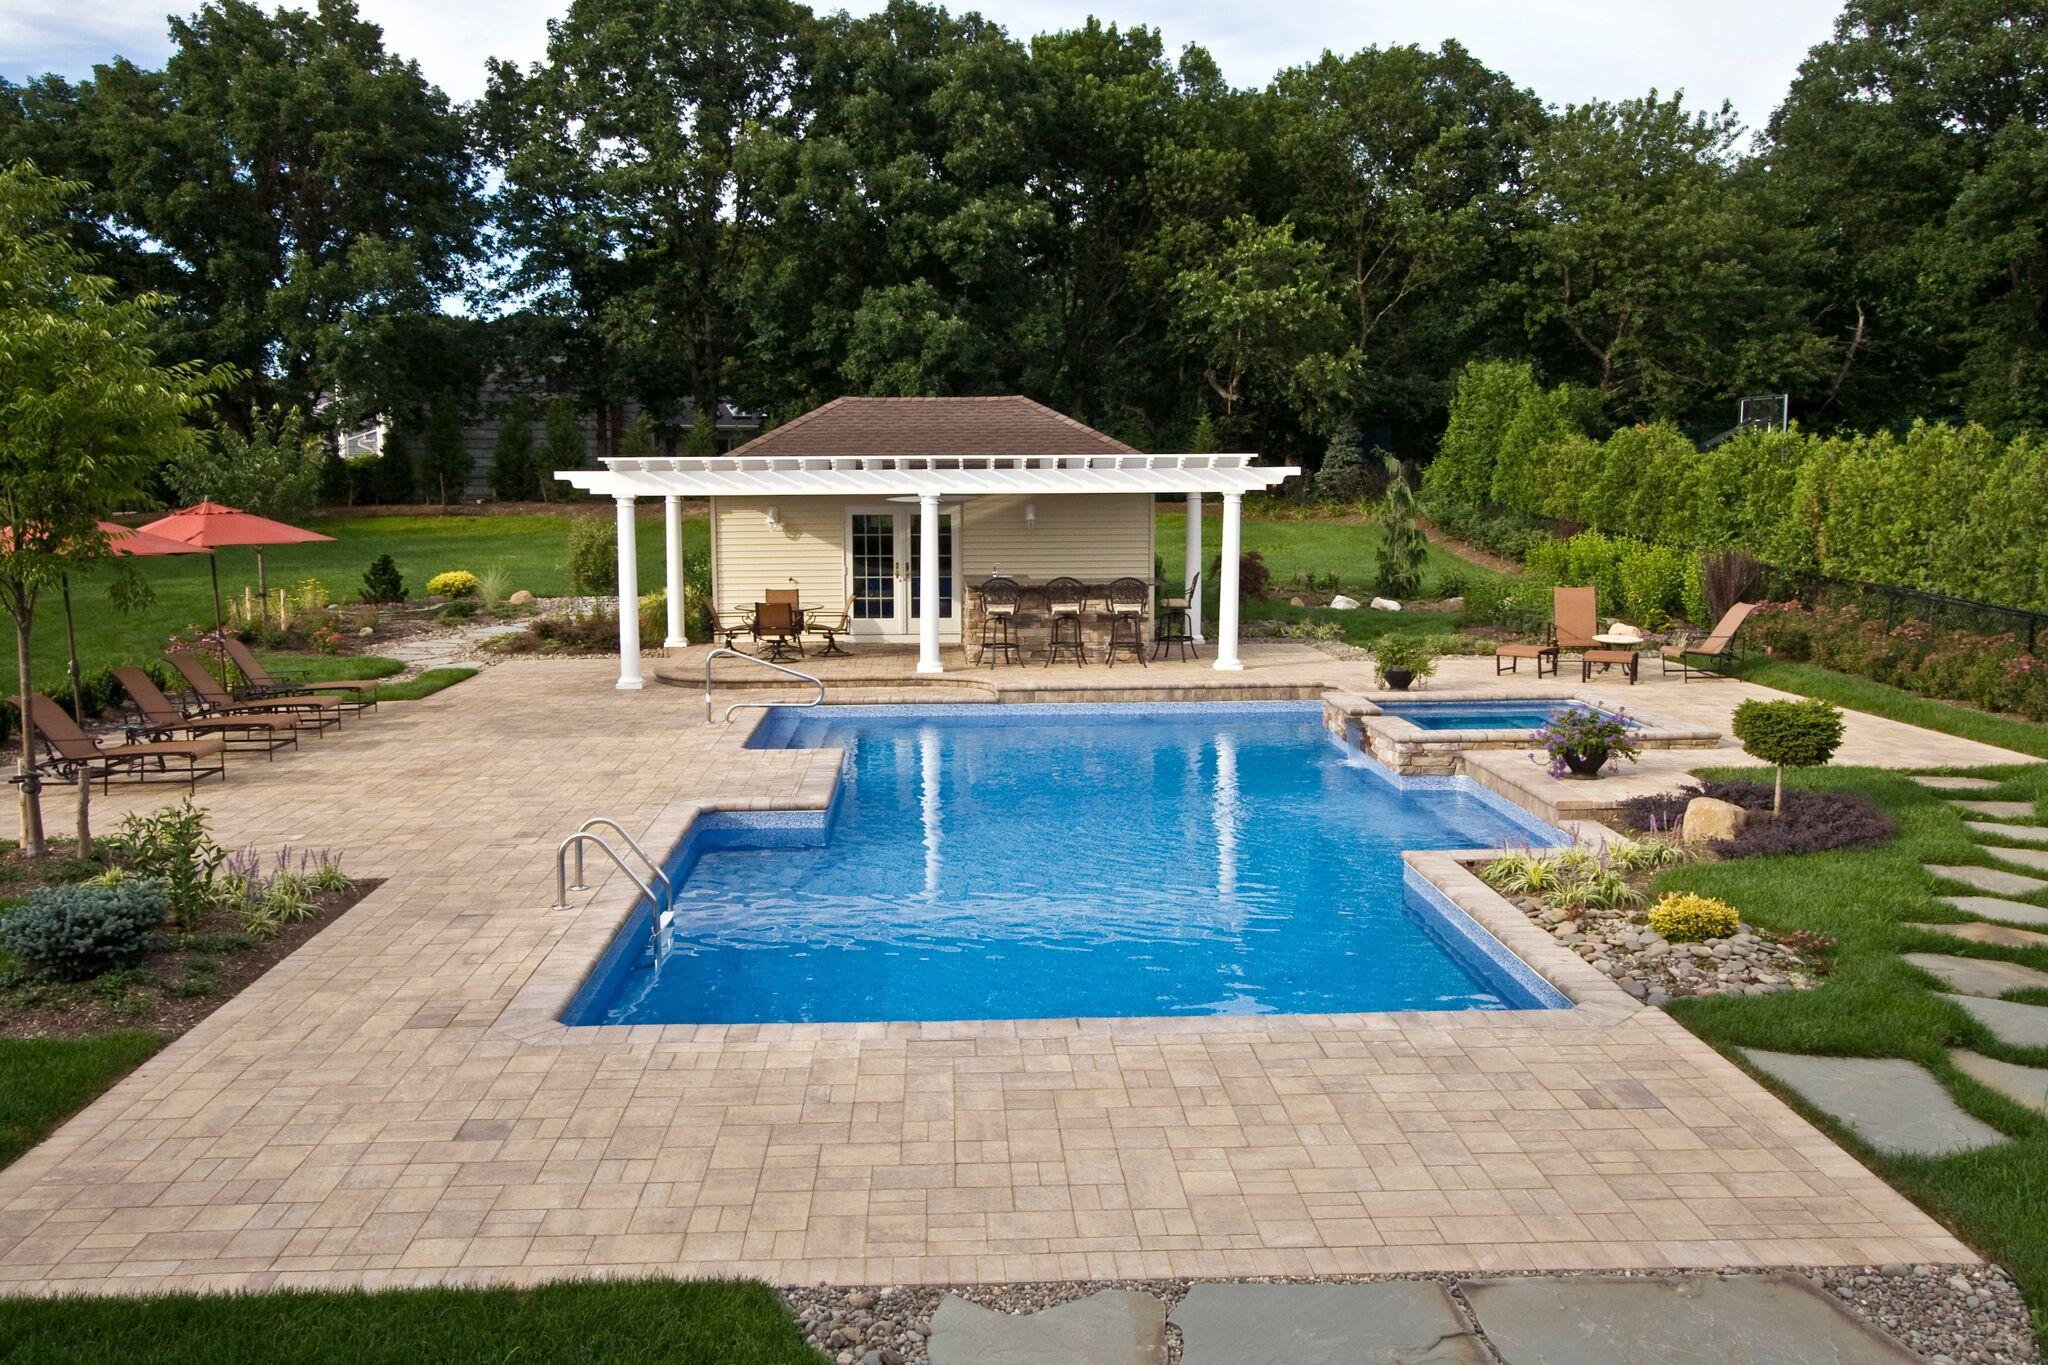 Backyard Retreat (Long Island/NY):